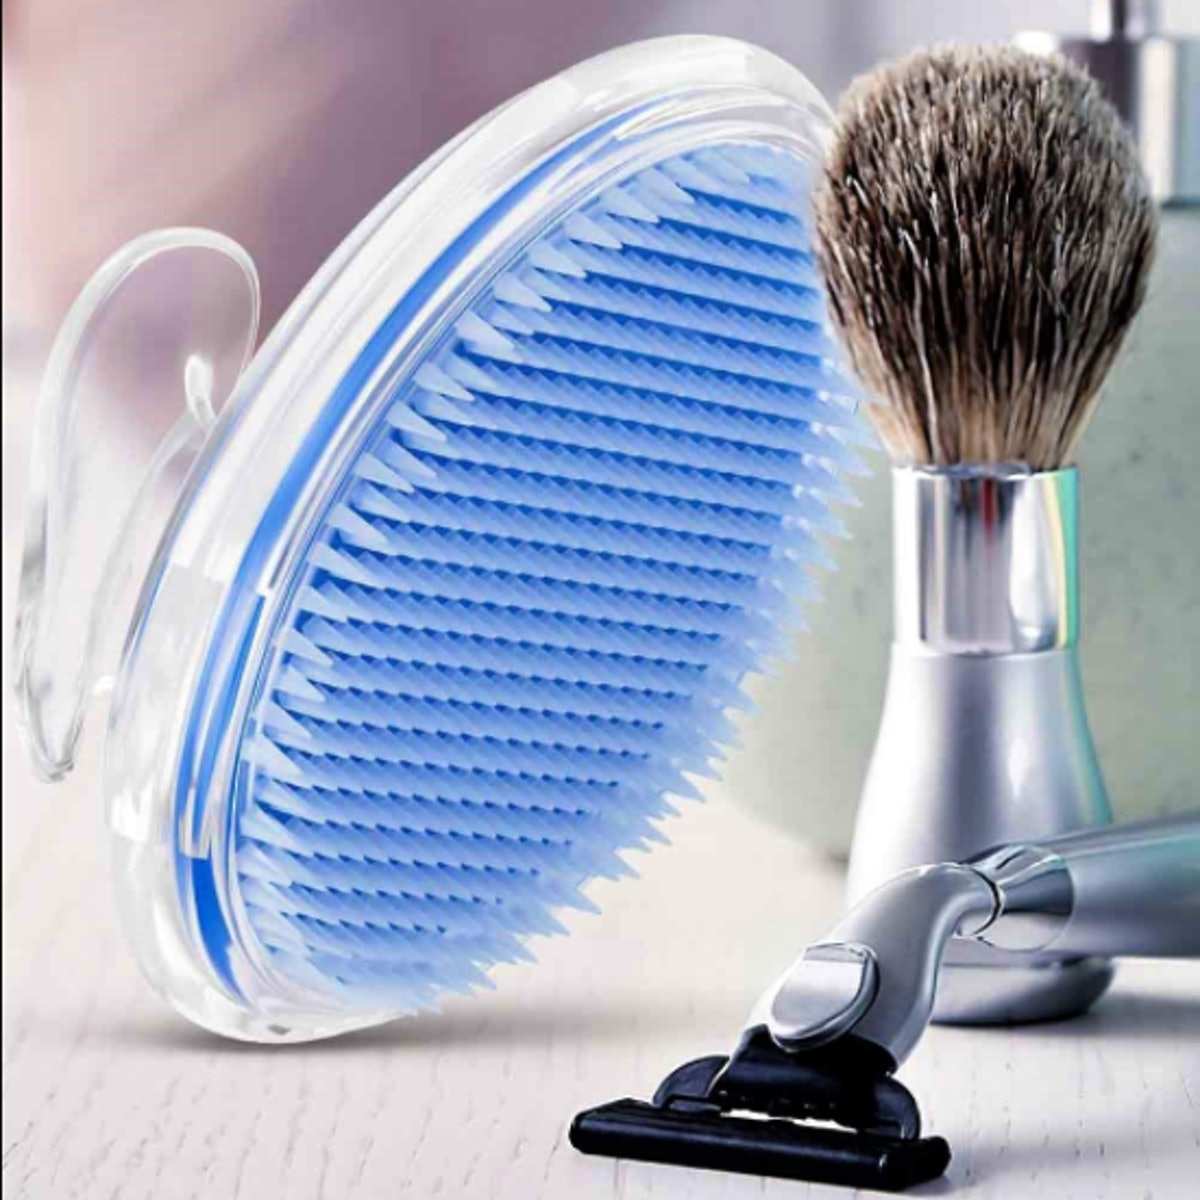 Dylonic Exfoliating Brush for Razor Bumps